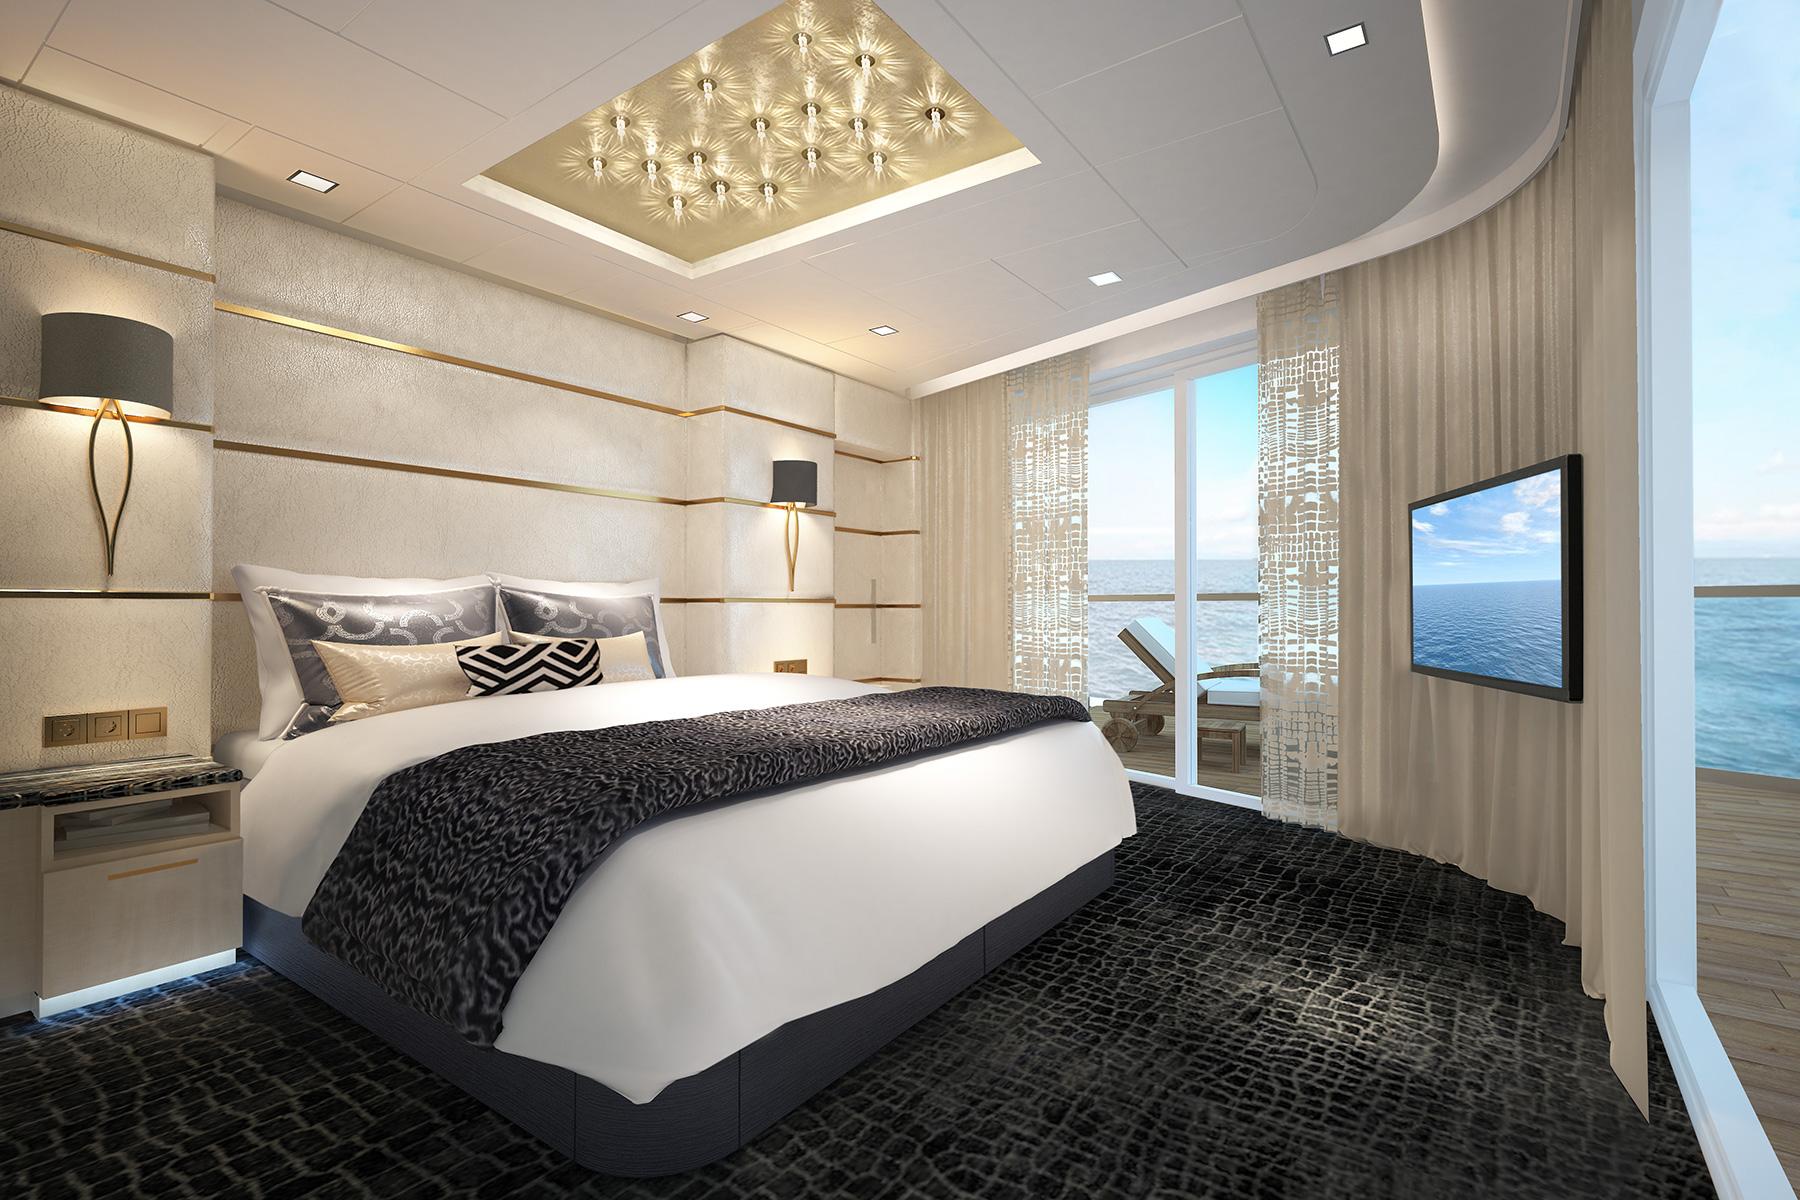 Crociere Norwegian Haven Deluxe Owner Suite H2 Bedroom_PS1_hi